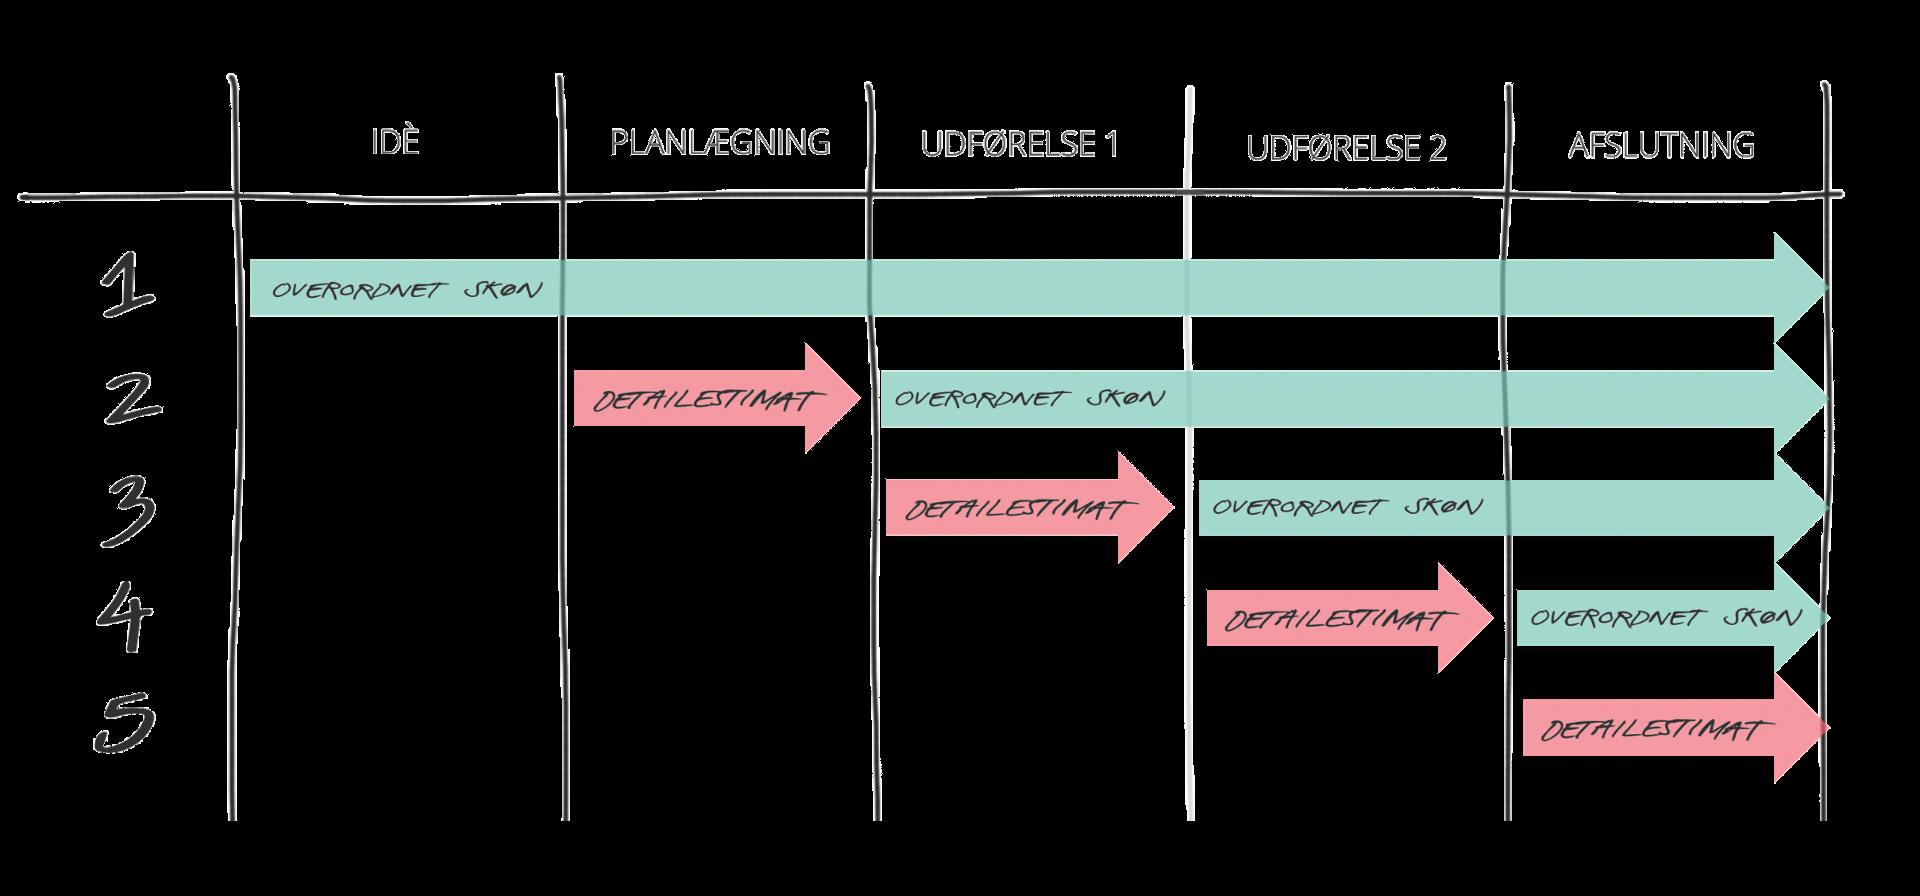 Adaptare.dk | Dynamisk planlægning og estimering